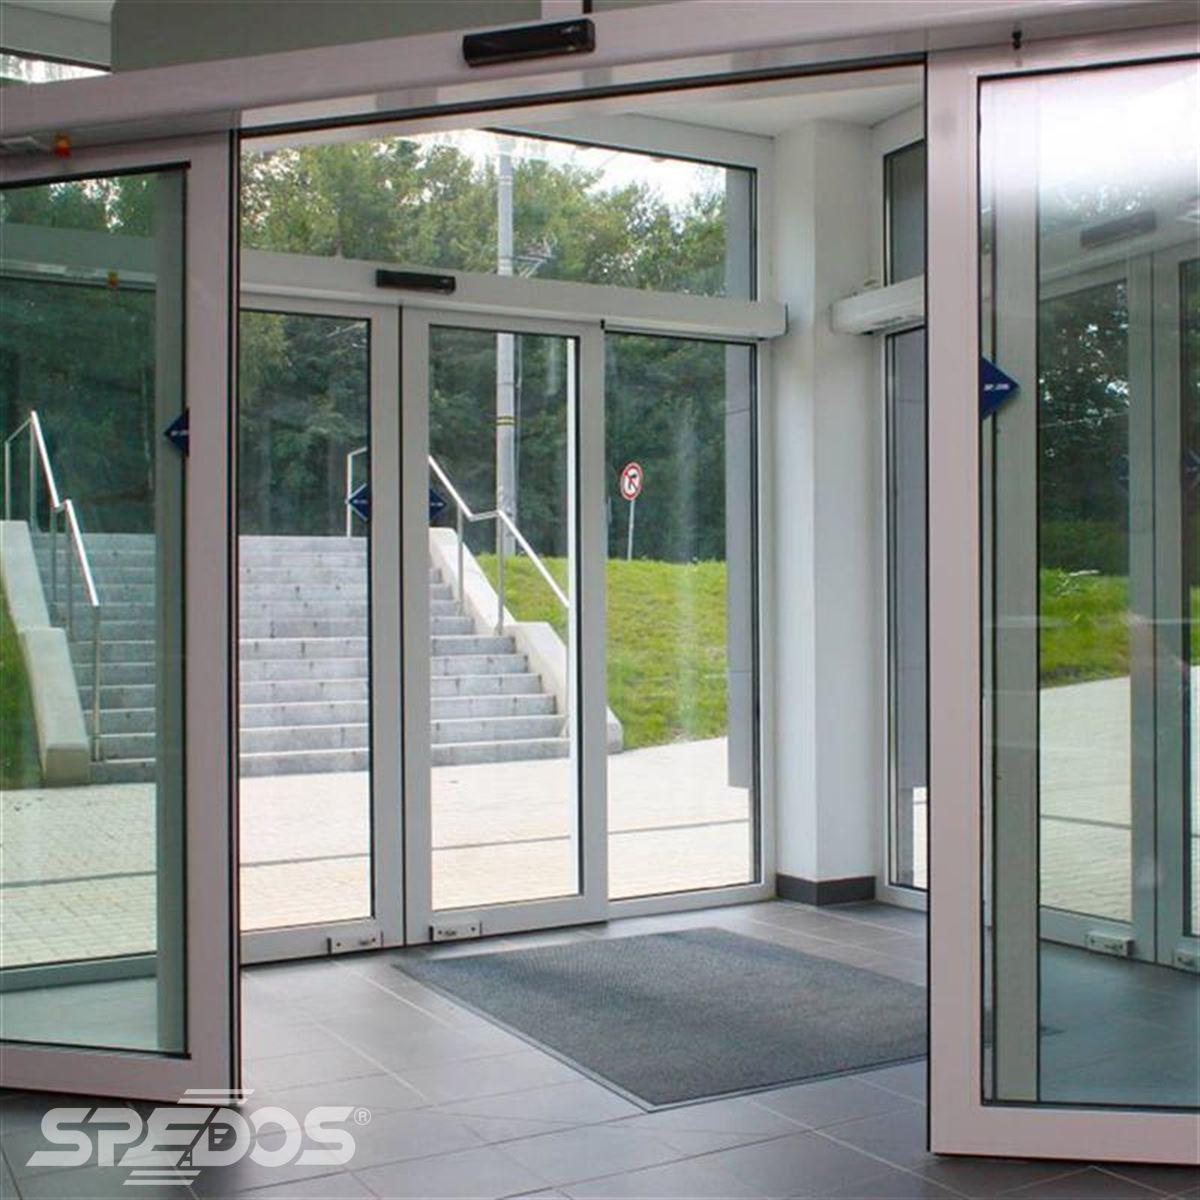 Dvoukřídlé automatické dveře posuvné v Žilinské univerzitě 7